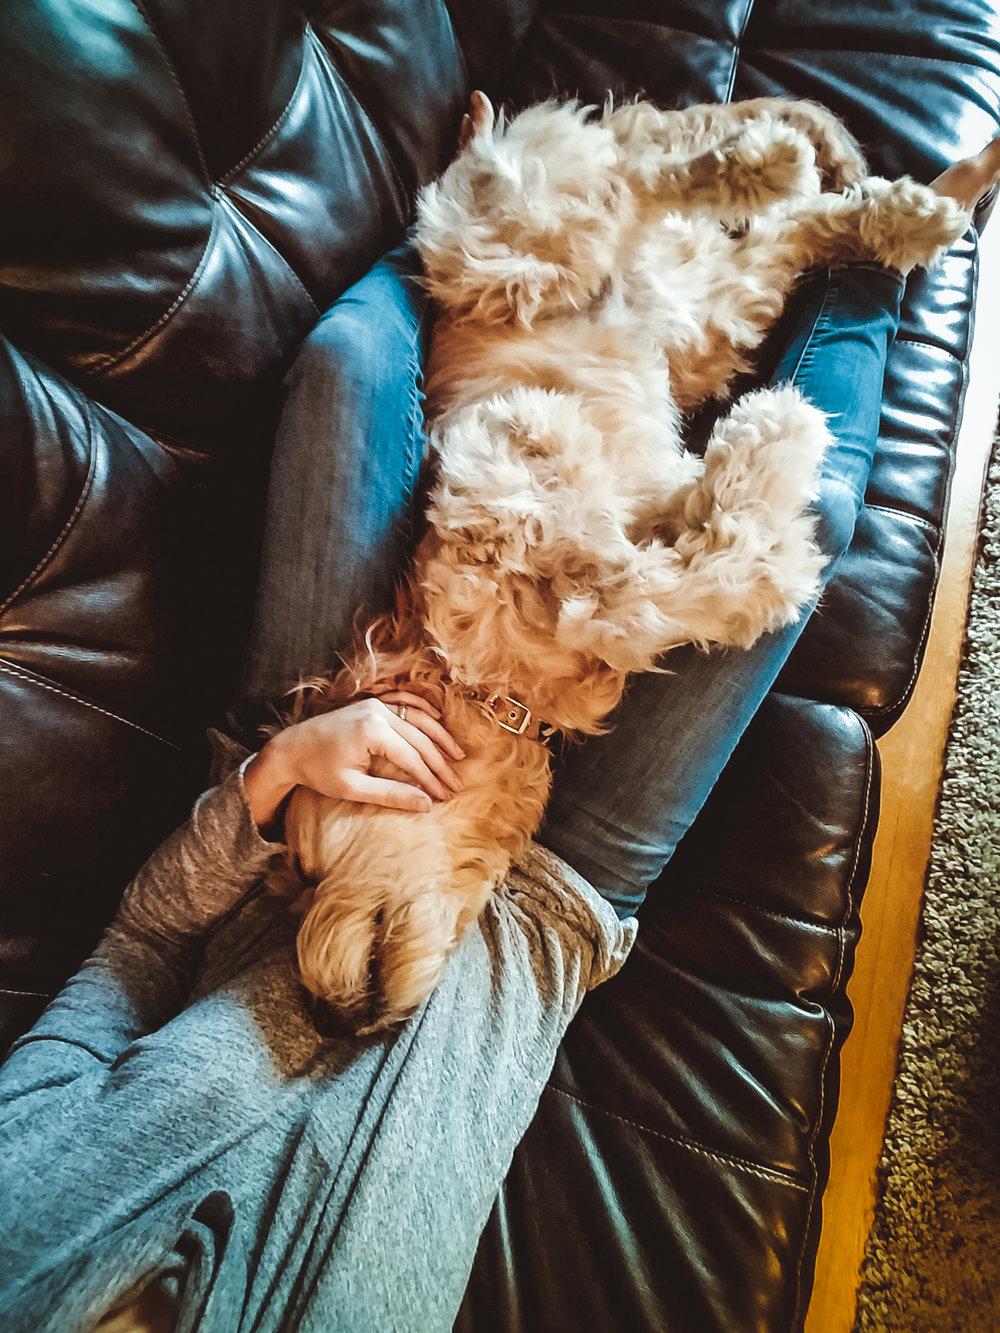 cuddling goldendoodle